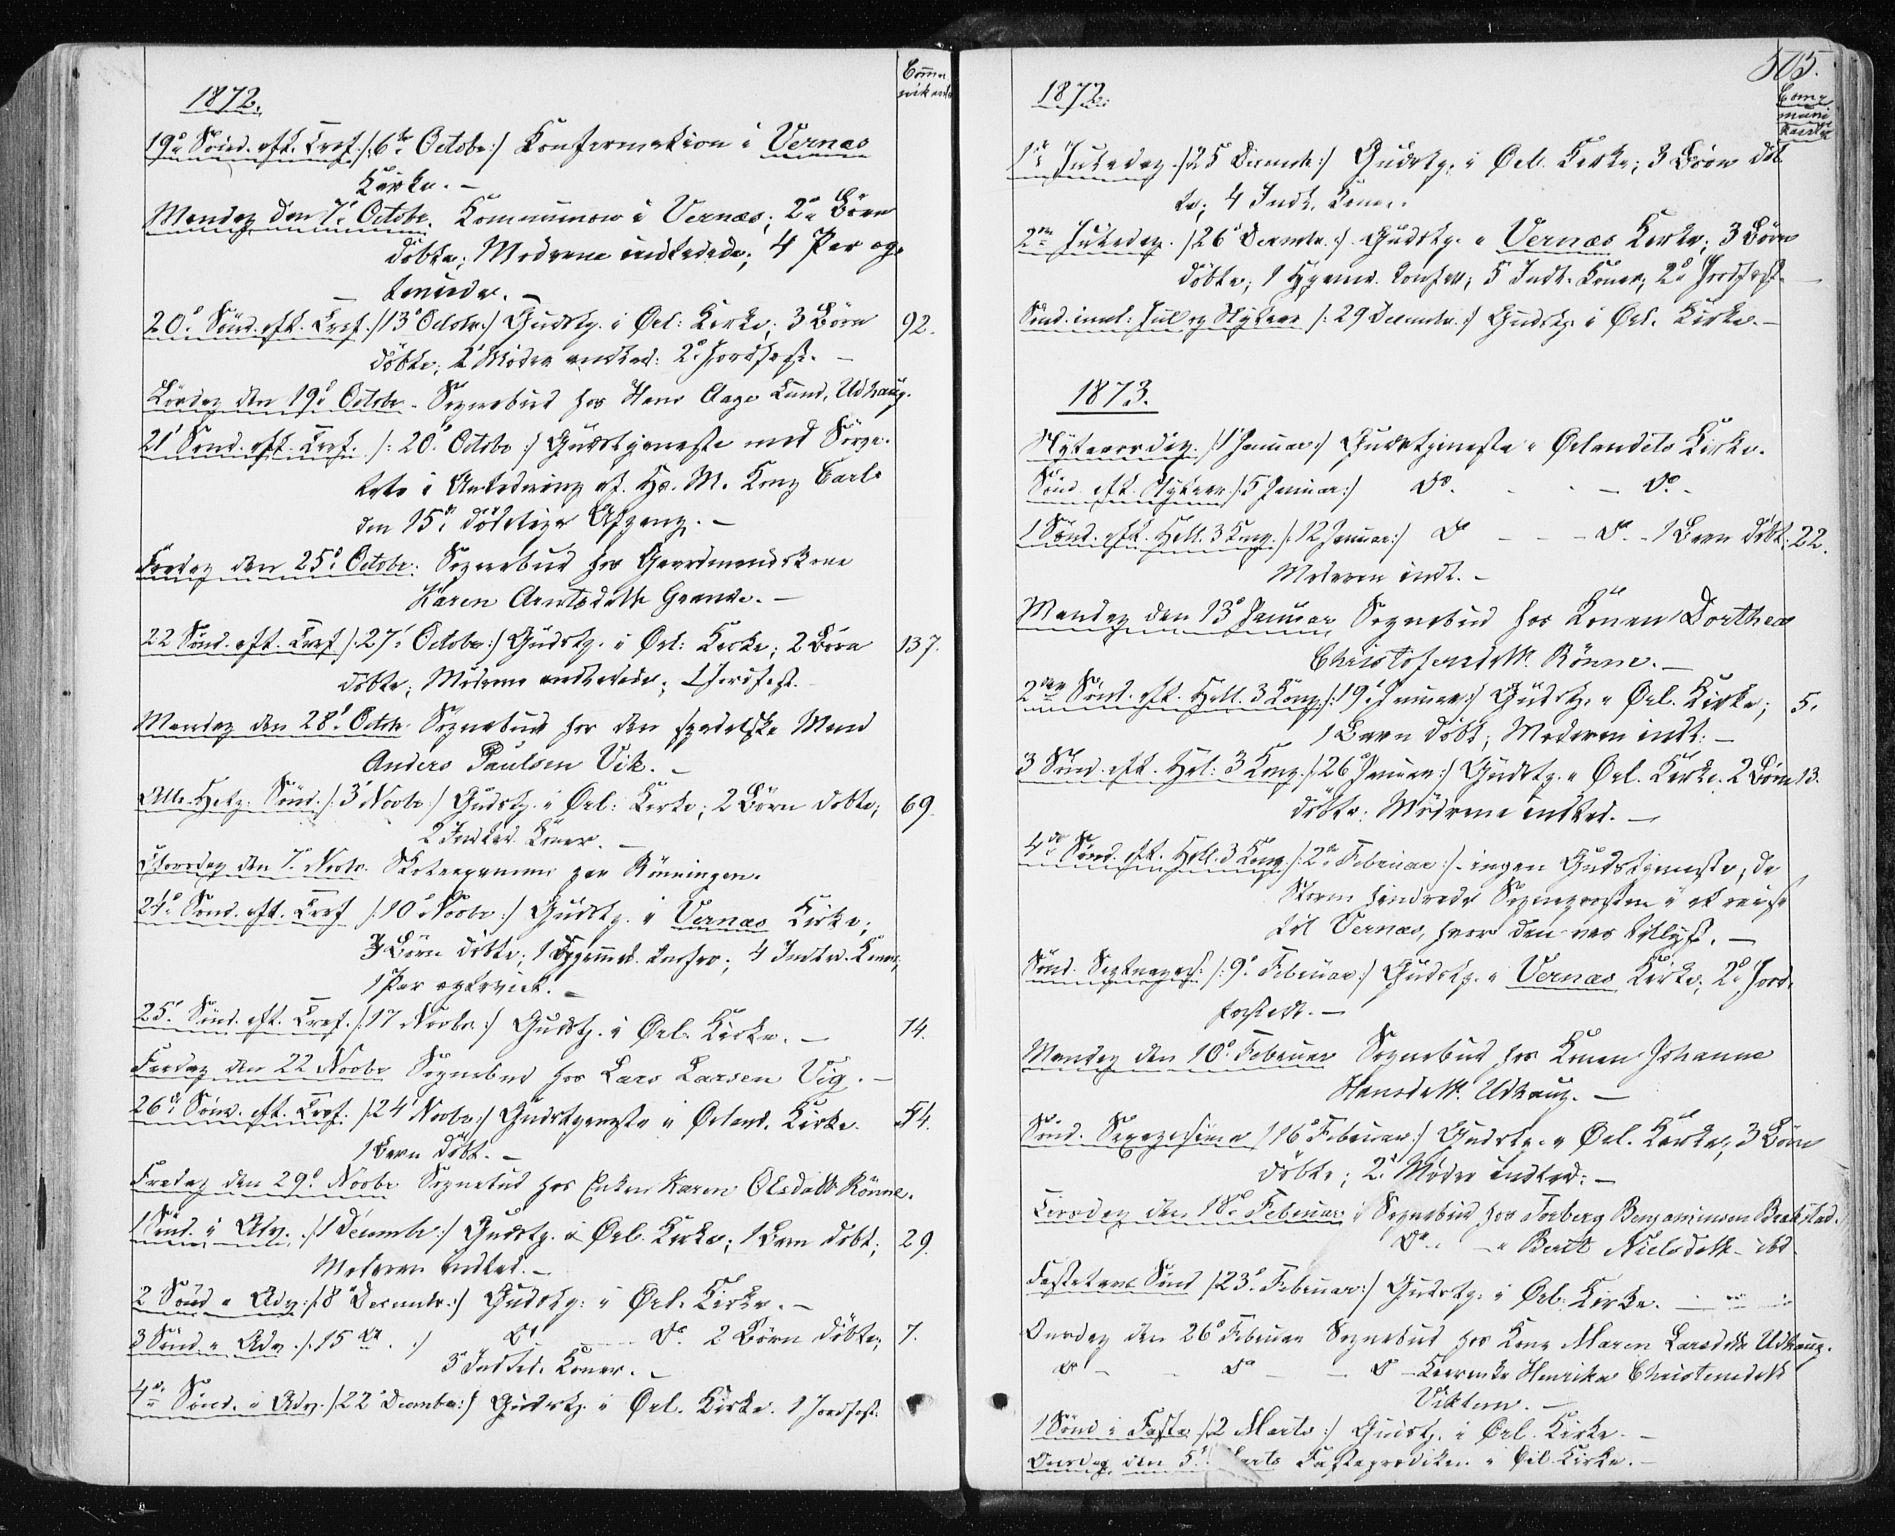 SAT, Ministerialprotokoller, klokkerbøker og fødselsregistre - Sør-Trøndelag, 659/L0737: Ministerialbok nr. 659A07, 1857-1875, s. 505